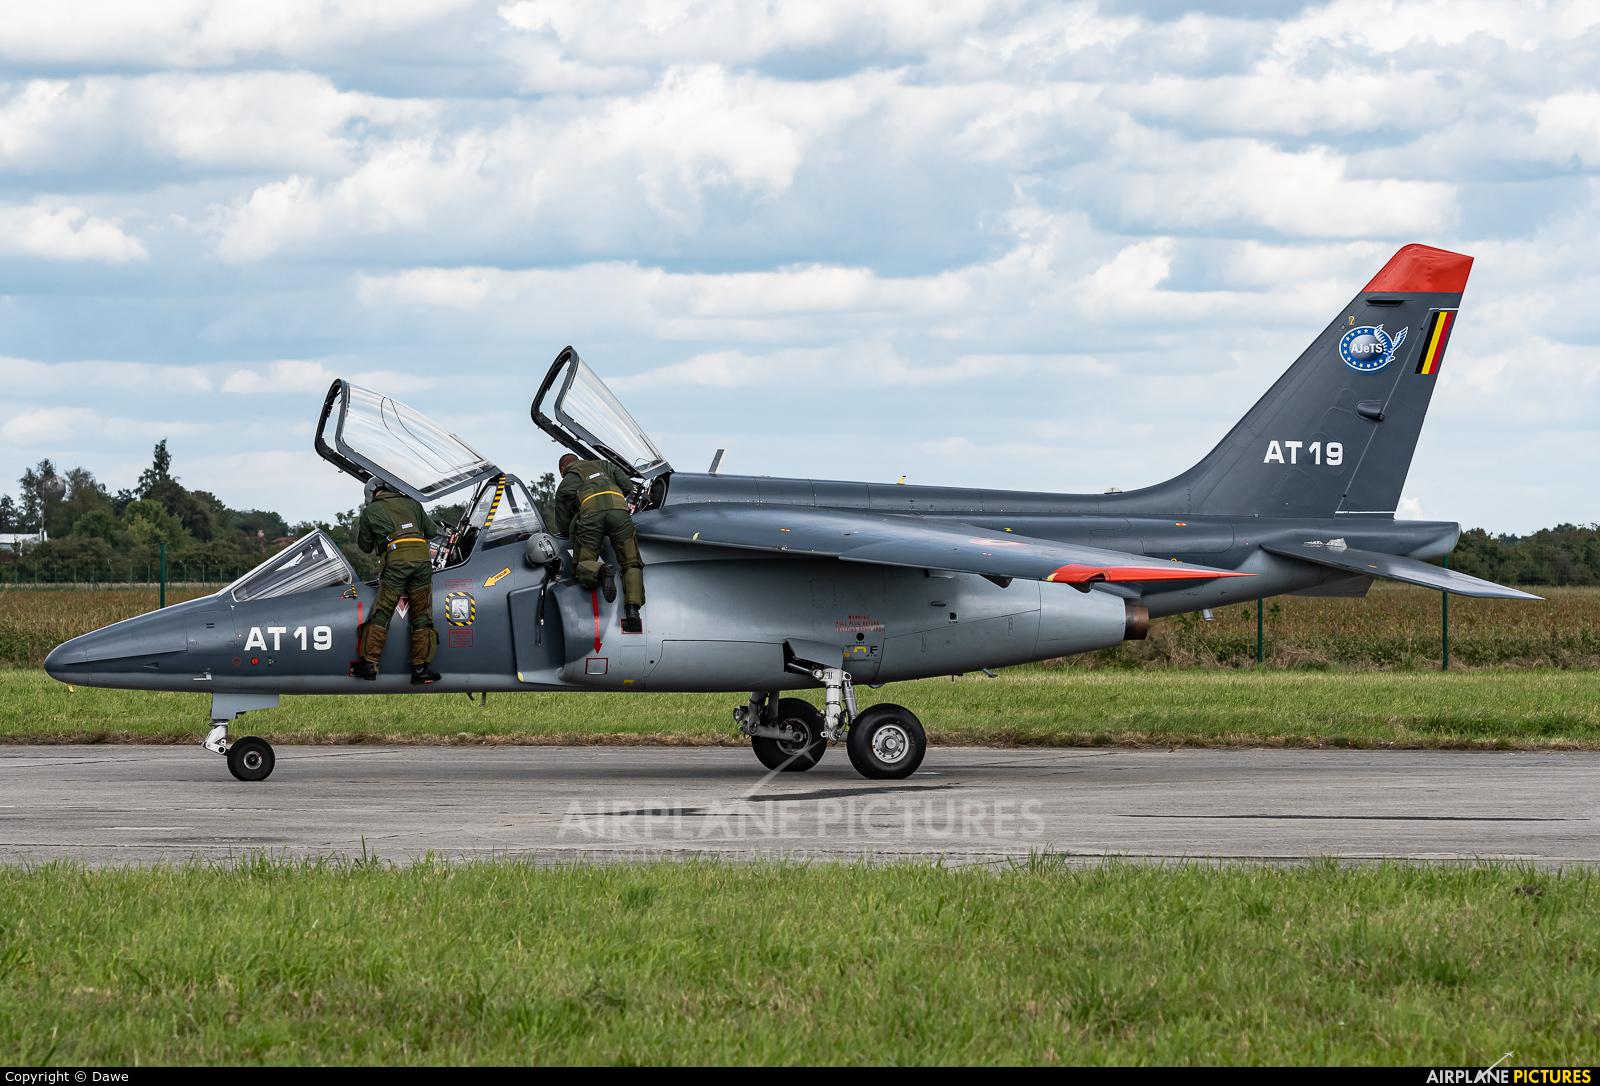 Belgium - Air Force AT19 aircraft at Ostrava Mošnov